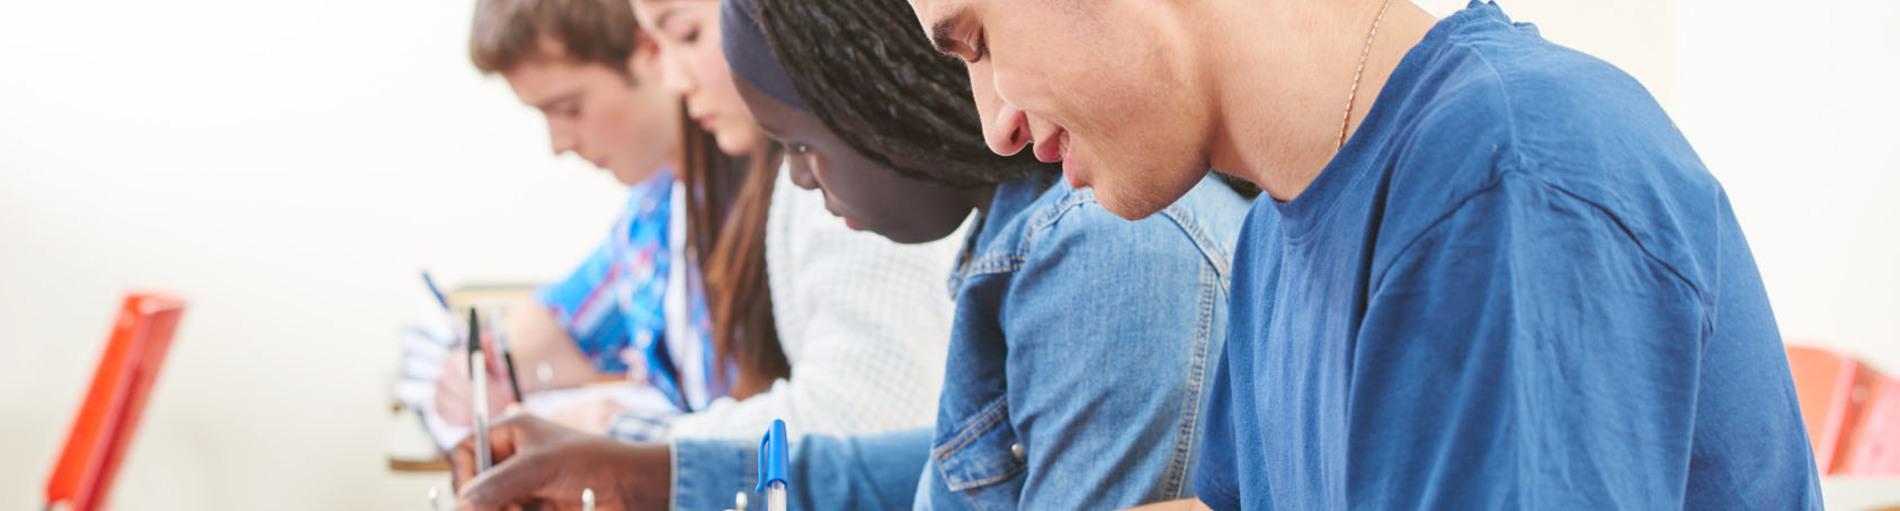 Schüler sitzen in einer Reihe an Tischen und schreiben etwas auf.